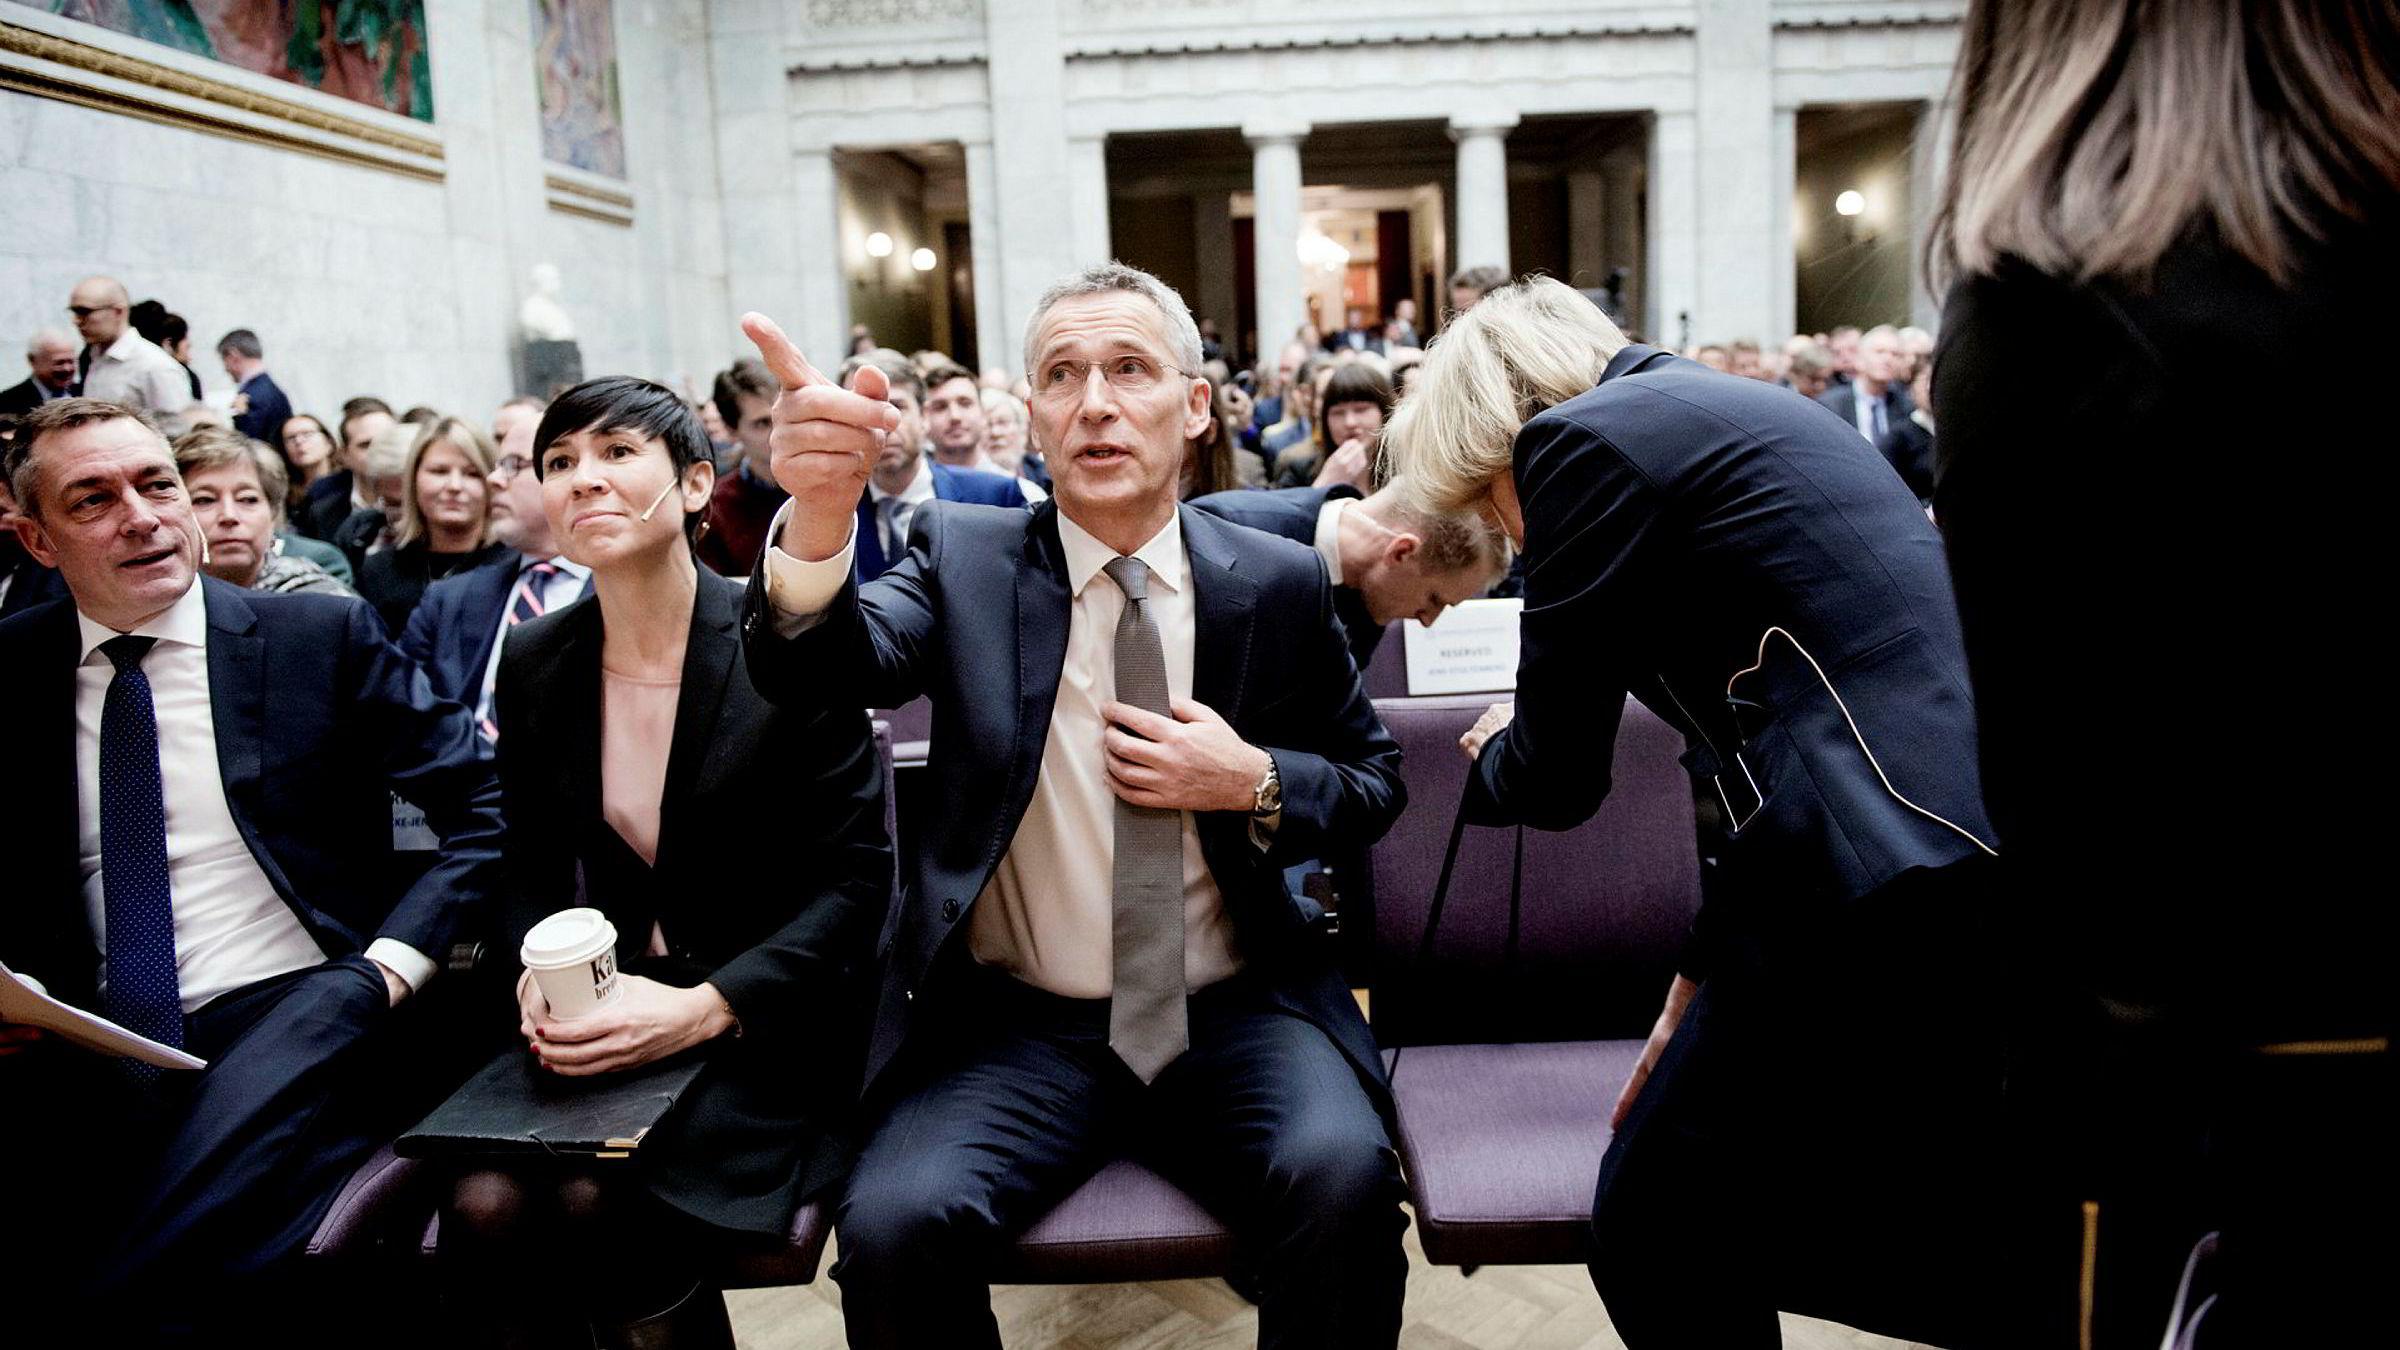 Natos generalsekretær Jens Stoltenberg talte mandag på den årlige sikkerhetskonferansen til Den norske Atlanterhavskomité i Oslo. Til venstre sitter forsvarsminister Frank Bakke-Jensen og utenriksminister Ine Eriksen Søreide.